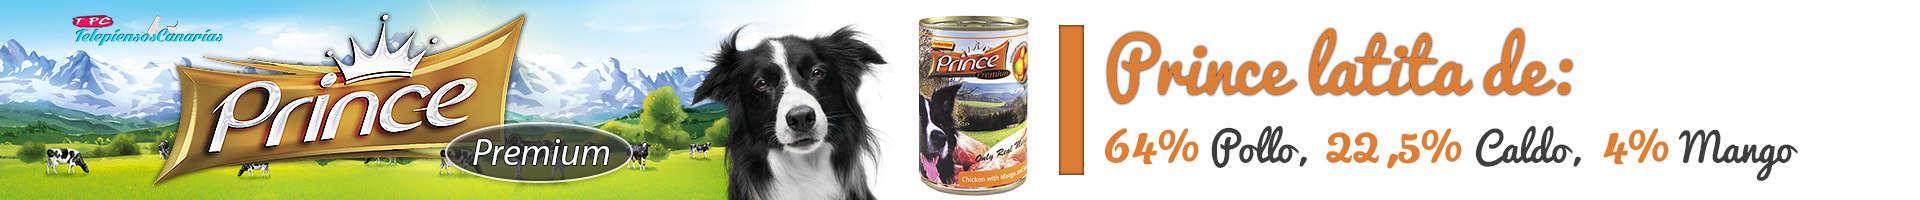 Prince latita de pollo (64%), mango 4%, batata y sin transgénicos